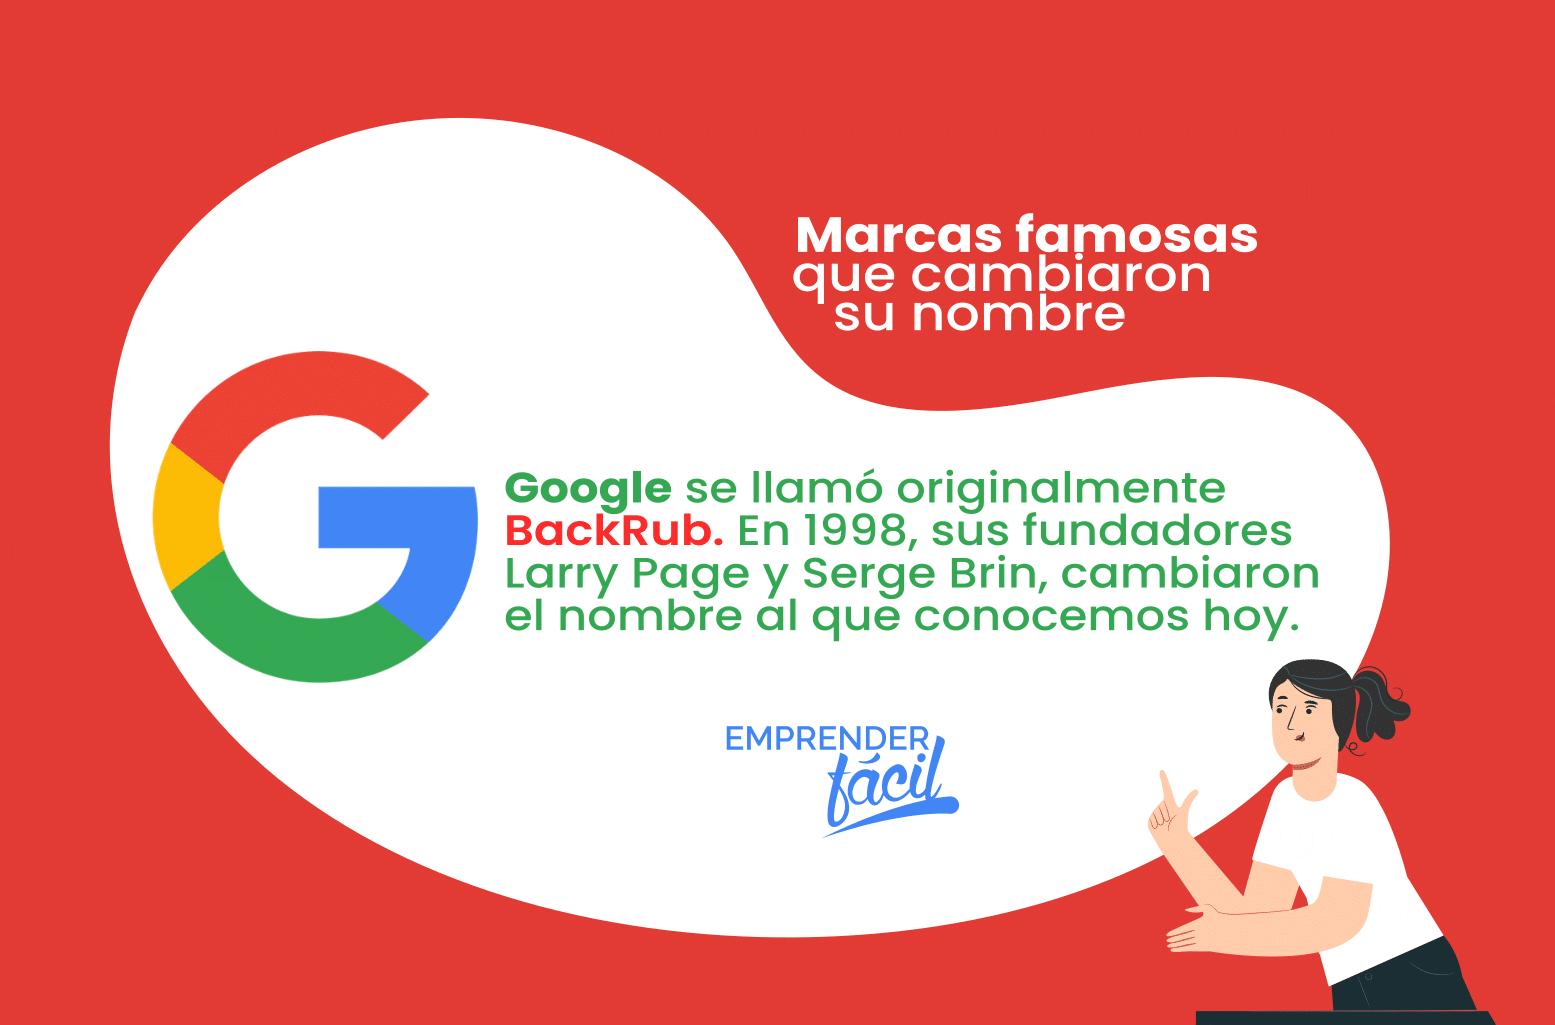 Marcas famosas que cambiaron su nombre caso Google